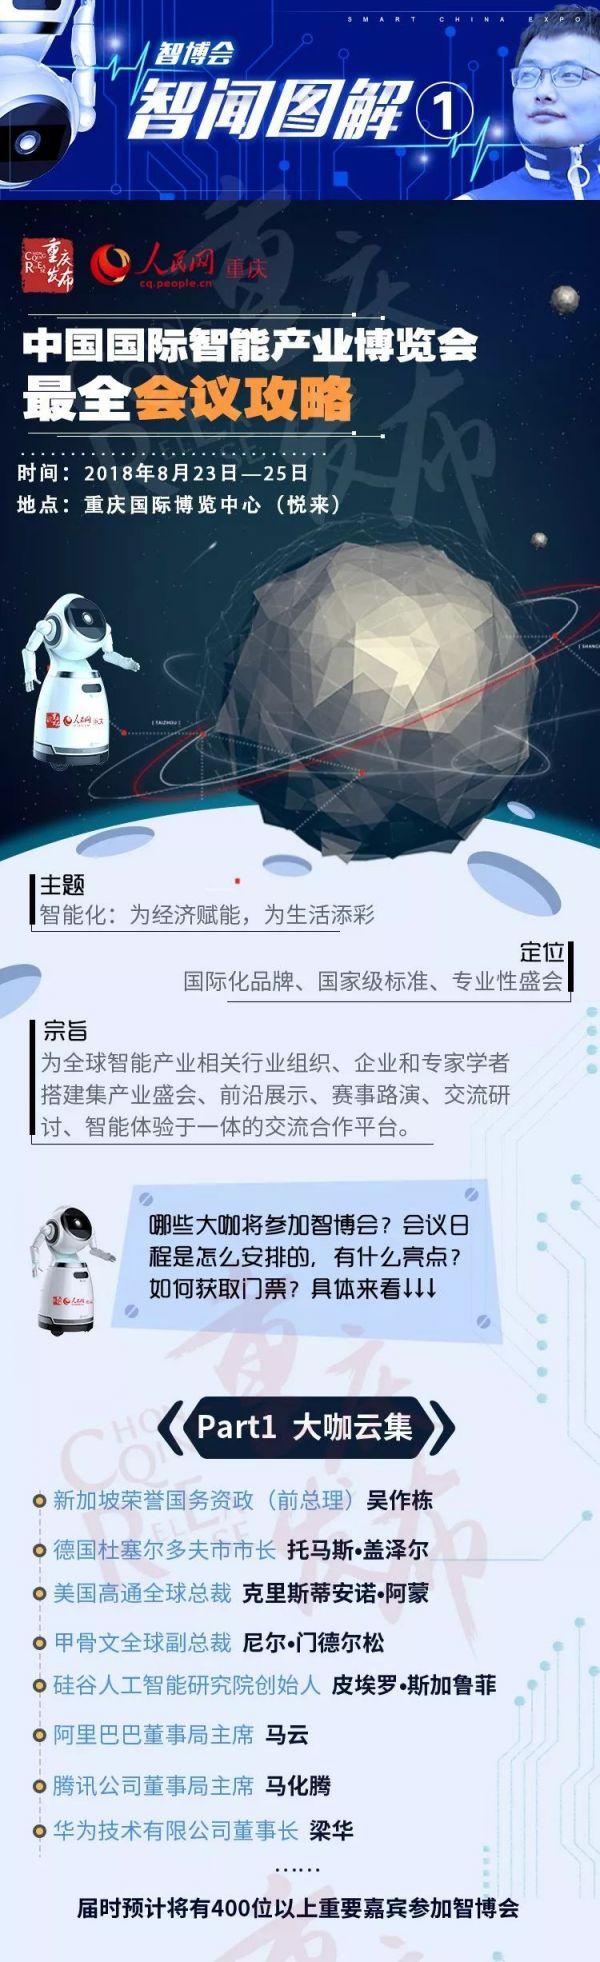 2018重庆智博会马云马化腾在哪一天出席